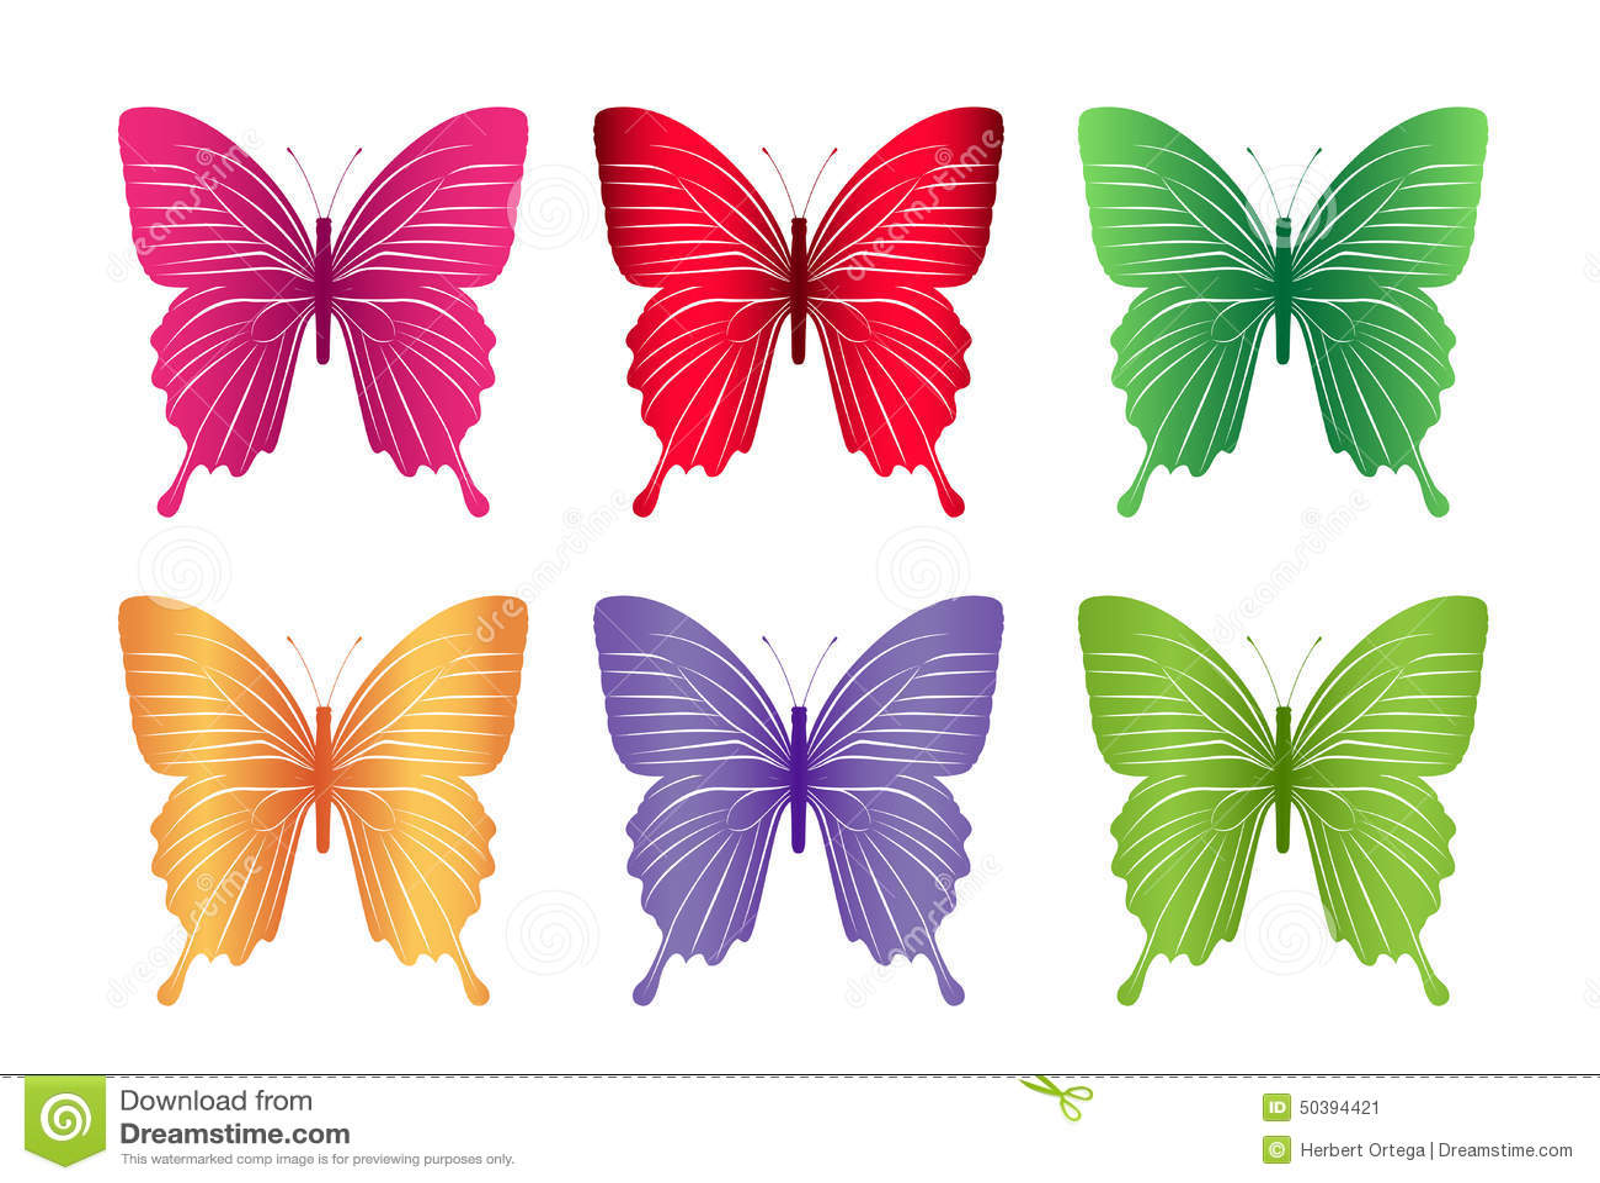 Groß Frühling Schmetterlinge Färbung Seiten Bilder - Malvorlagen Von ...